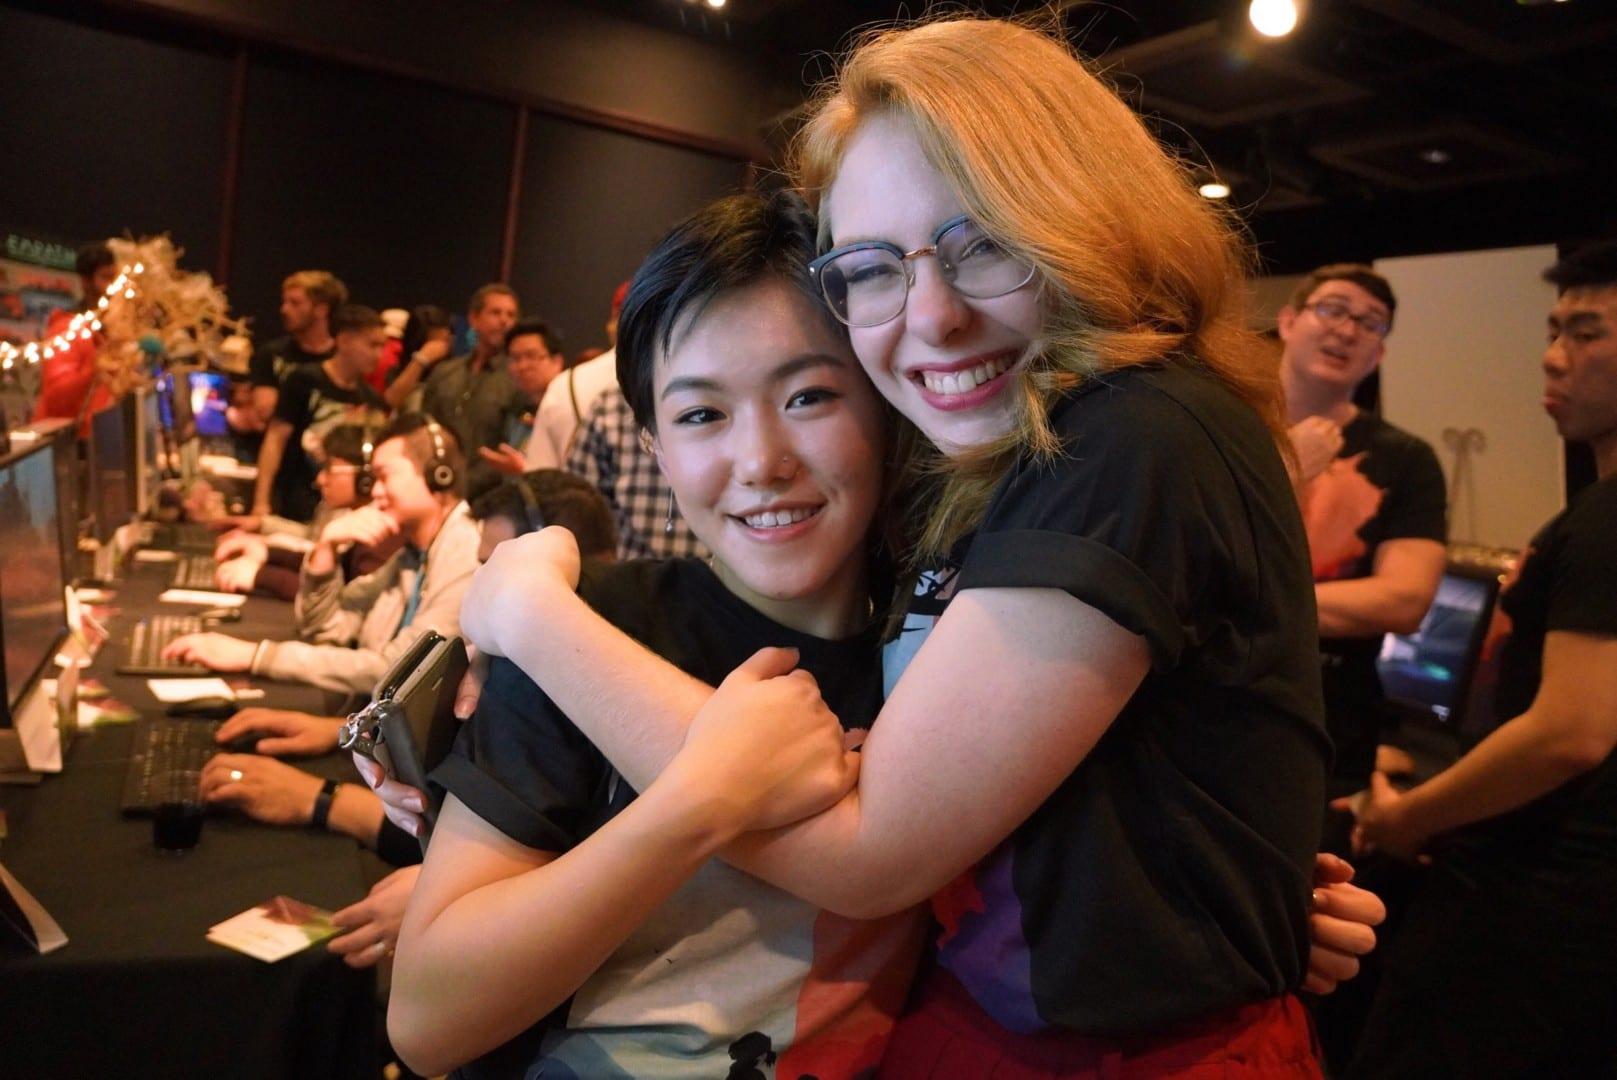 Zhang and Olson